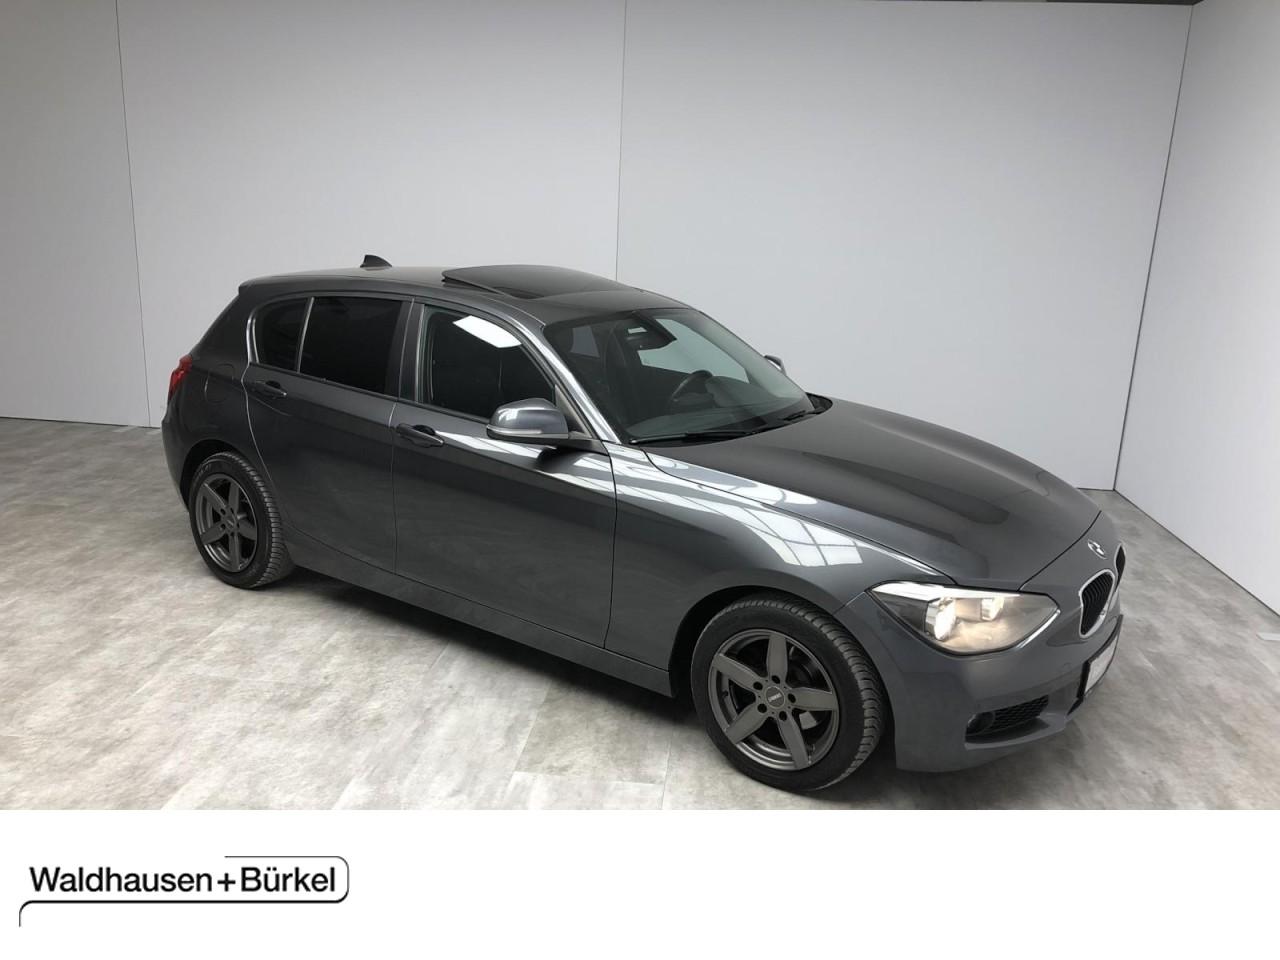 BMW 118d Klima Navi Einparkhilfe Schiebedach el., Jahr 2012, Diesel